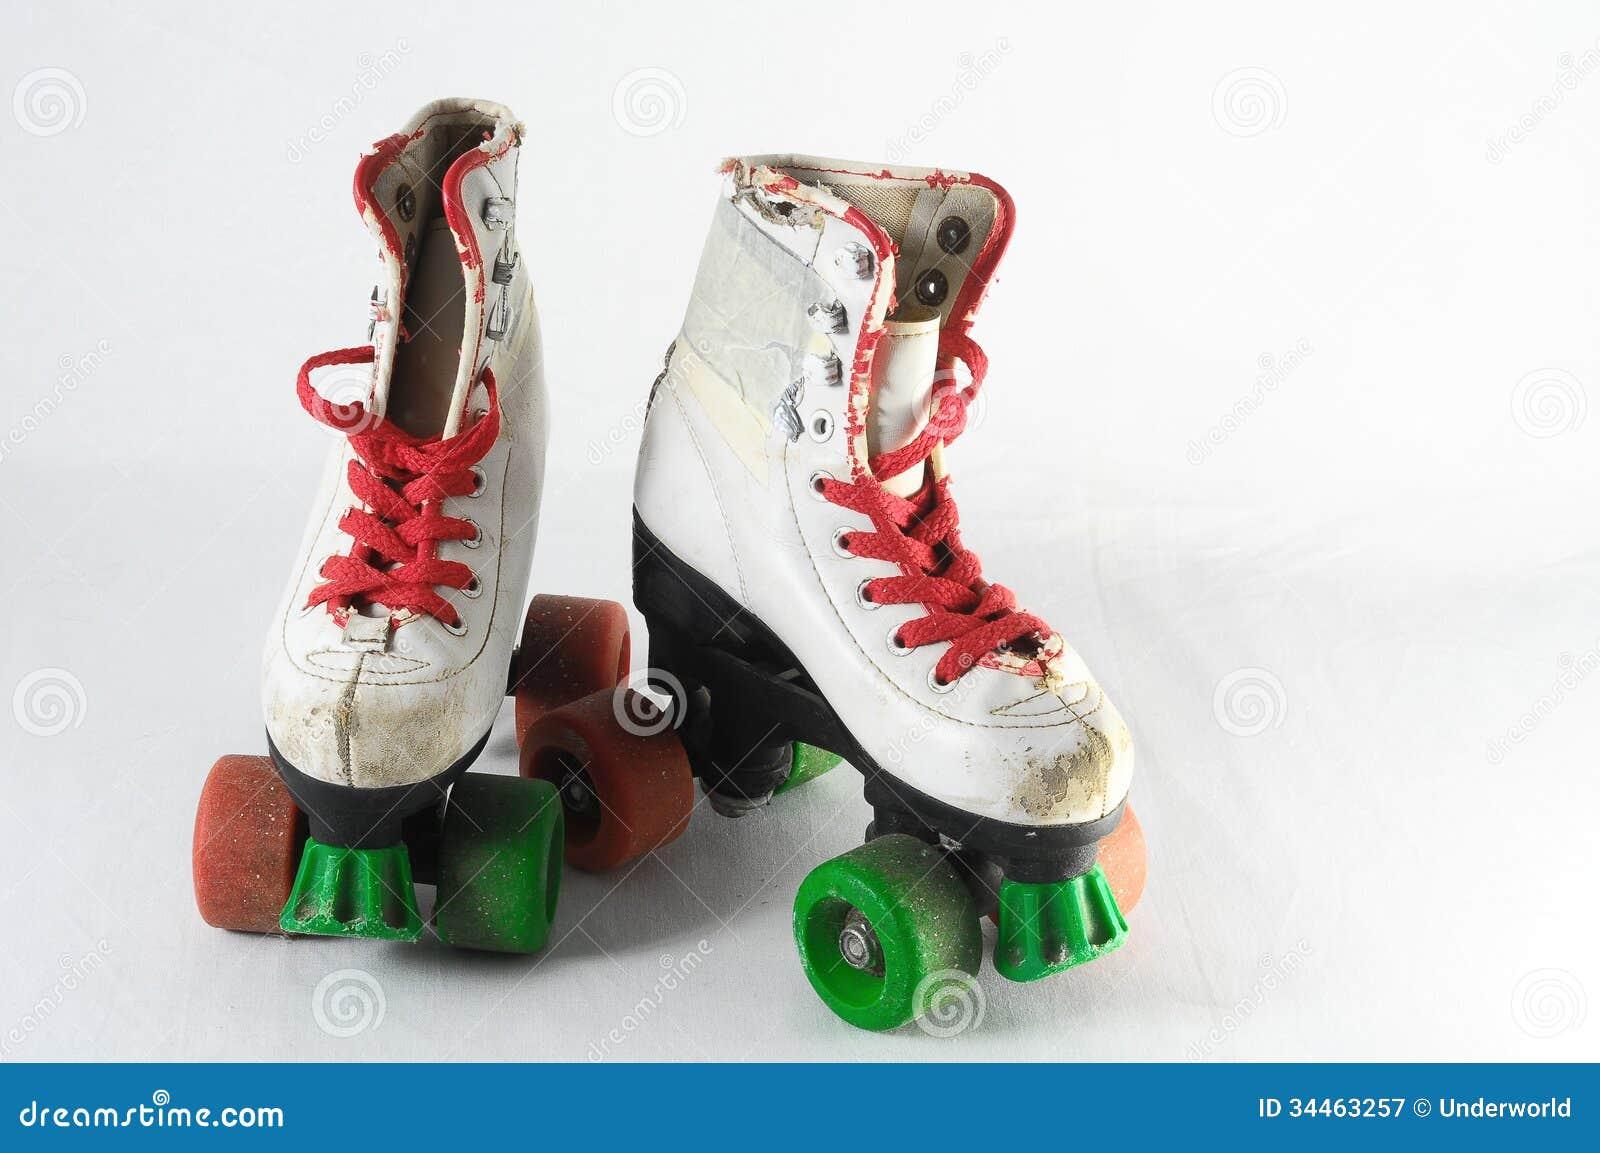 Roller skates for free - Consumed Roller Skate